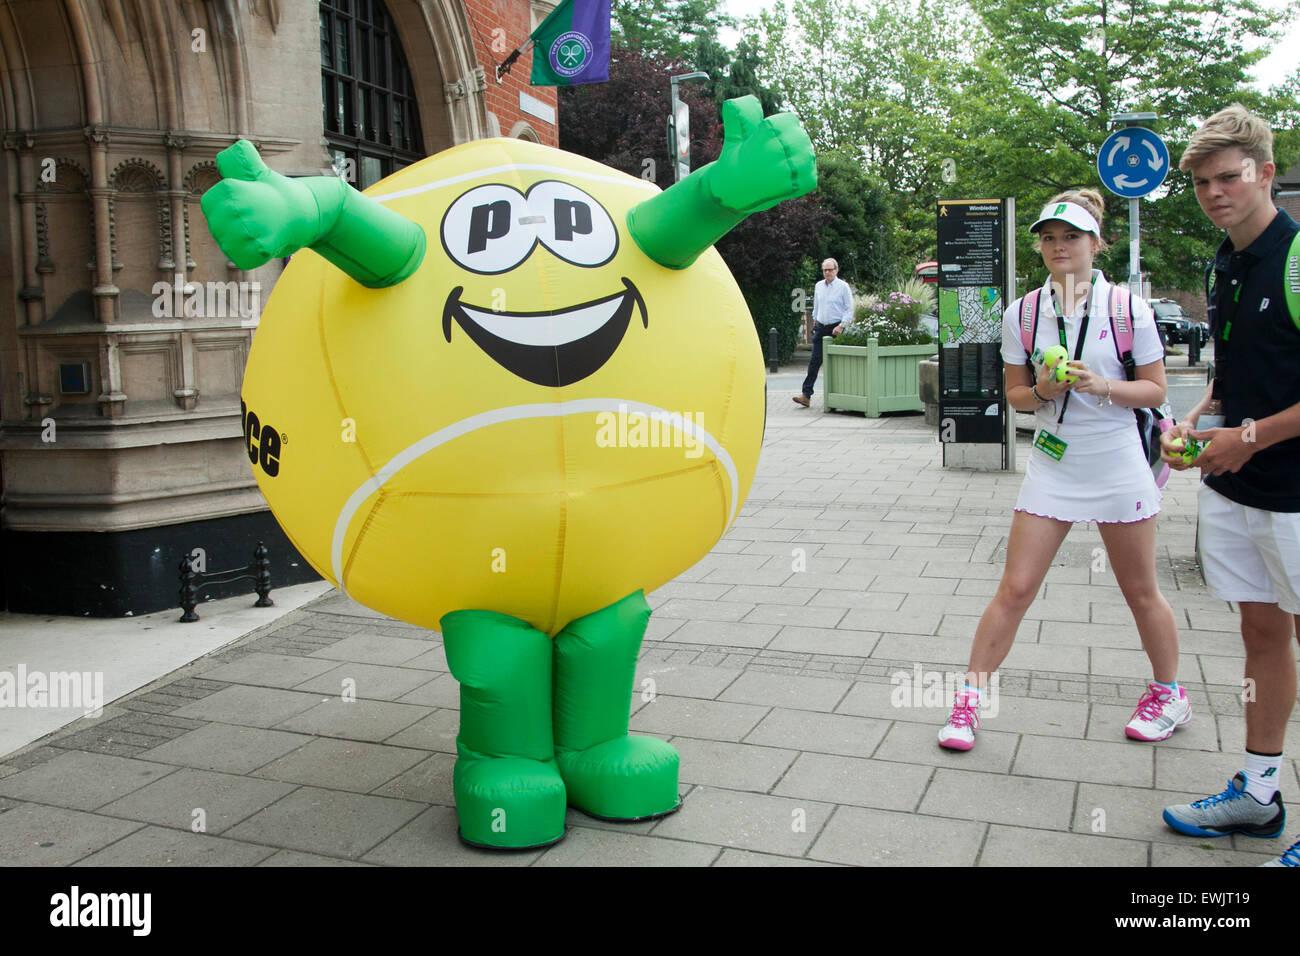 Tennis ball mascot stock photos tennis ball mascot stock photography - Stock Photo Wimbledon London Uk 27th June 2015 A Large Inflatable Tennis Ball On Wimbledon High Street As Wimbledon Prepares To Host The 2015 Grass